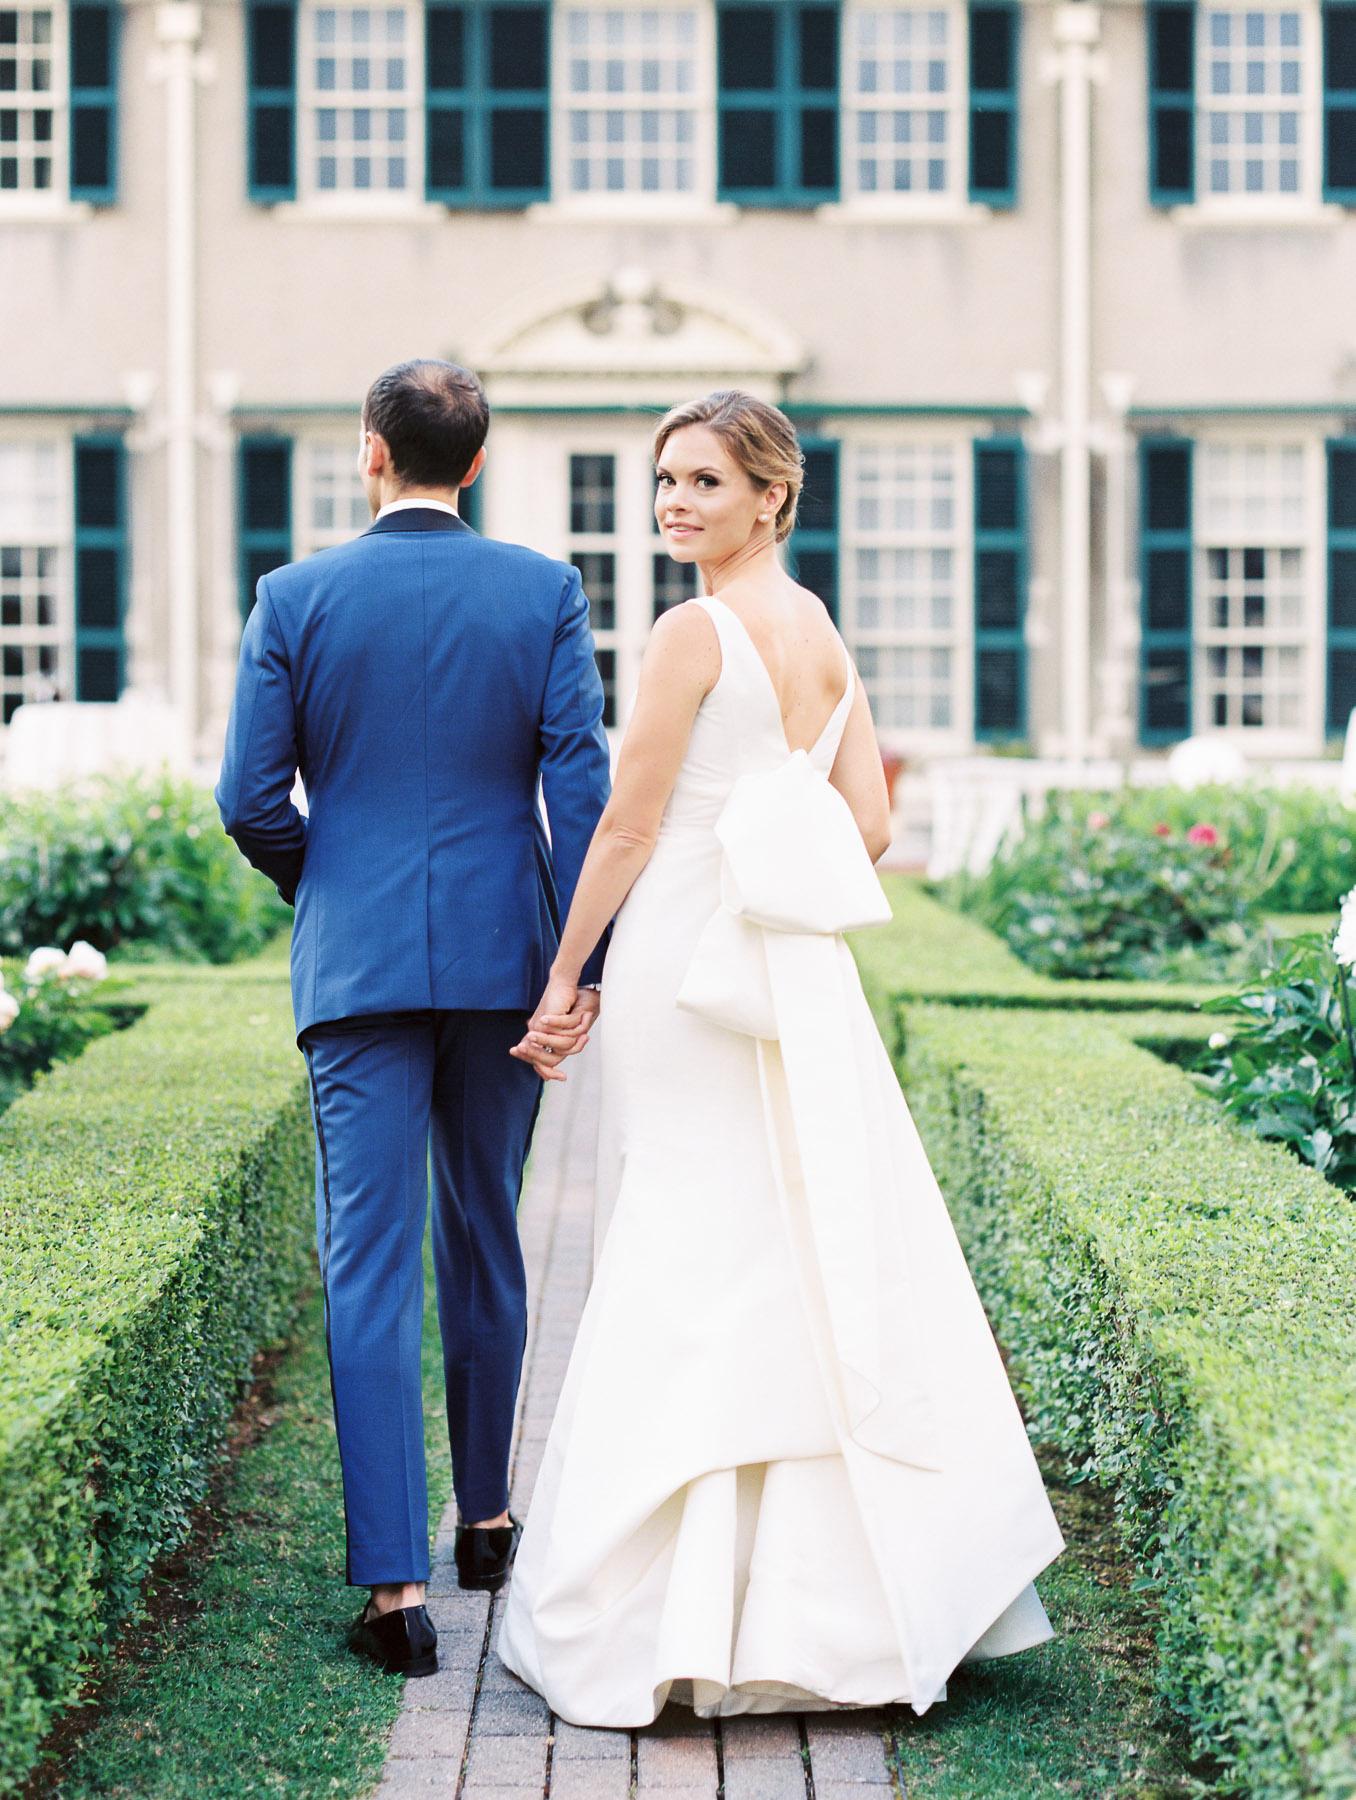 Manchester Vermont Wedding Stunning Bride with Groom